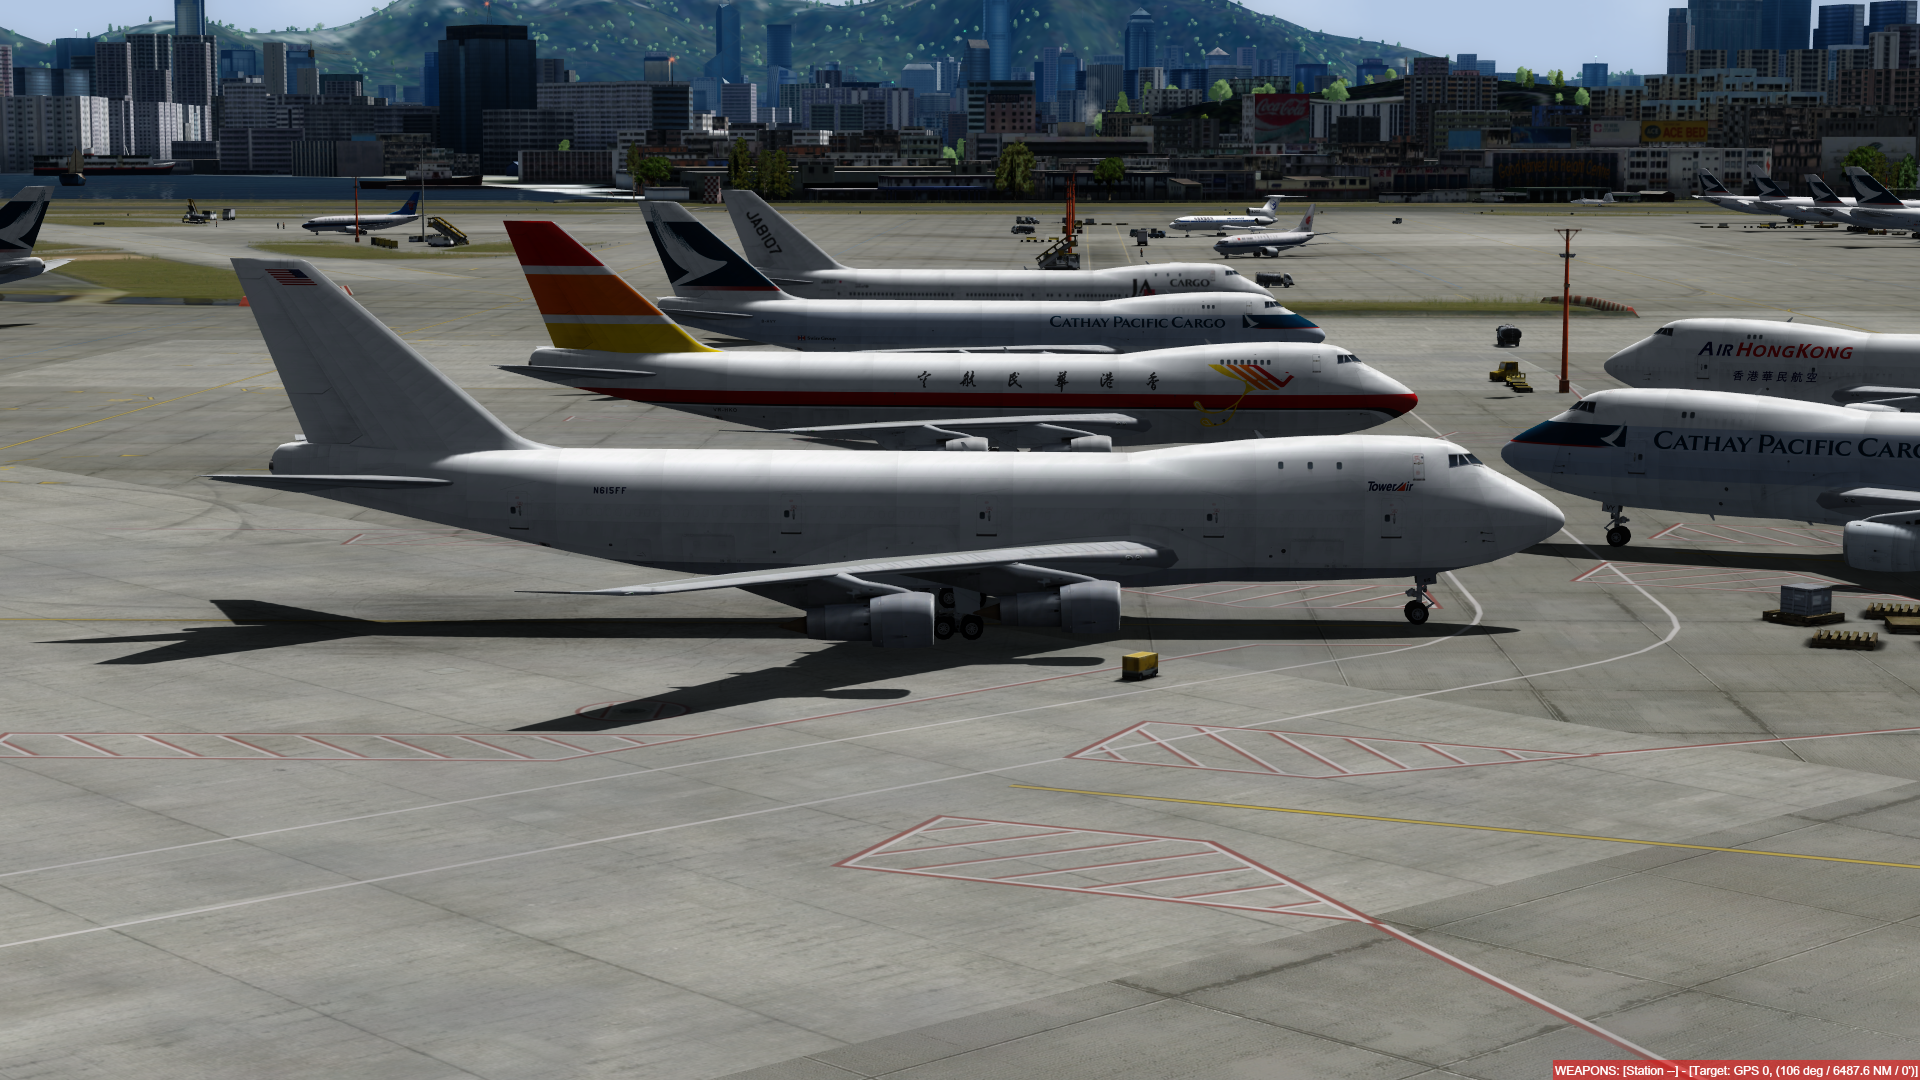 aeroporto - O dia a dia em Hong Kong Kai Tak - O aeroporto mais emocionante do mundo! P3D V4.4 - Só trafego AI. Captura-de-Tela-239